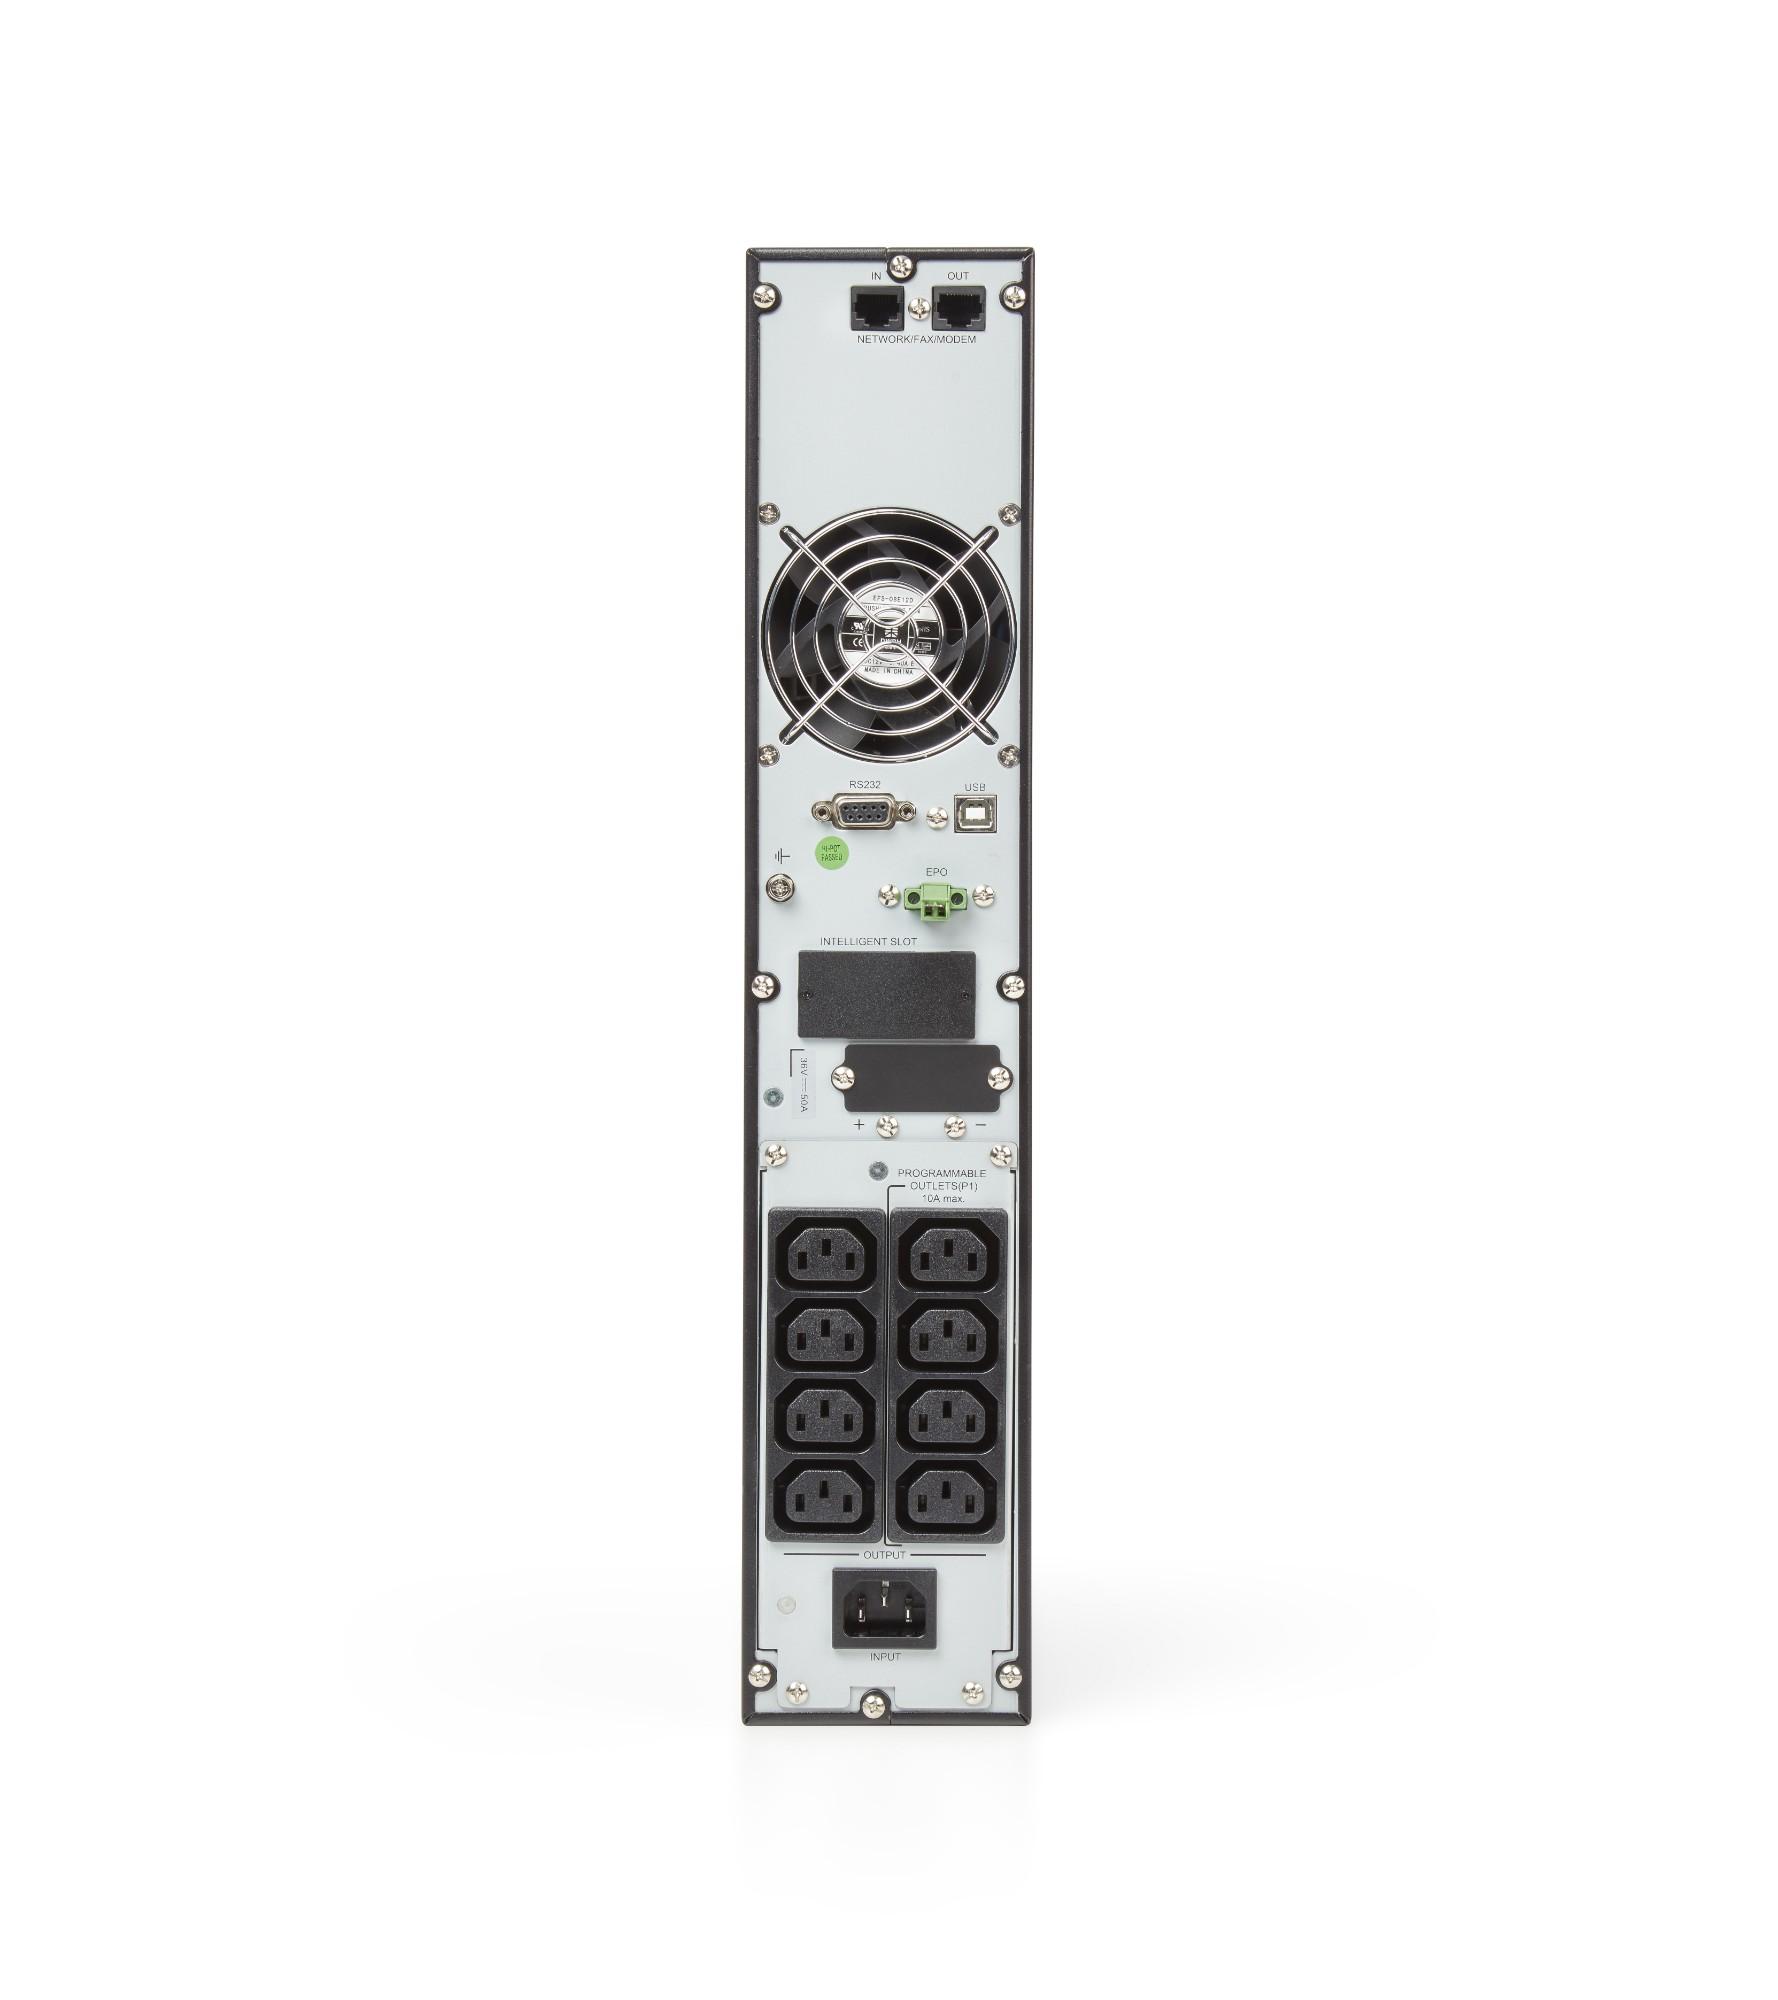 UPS Slc-700-twin Rt2 700va/700w 8 X Iec C13 Online Black